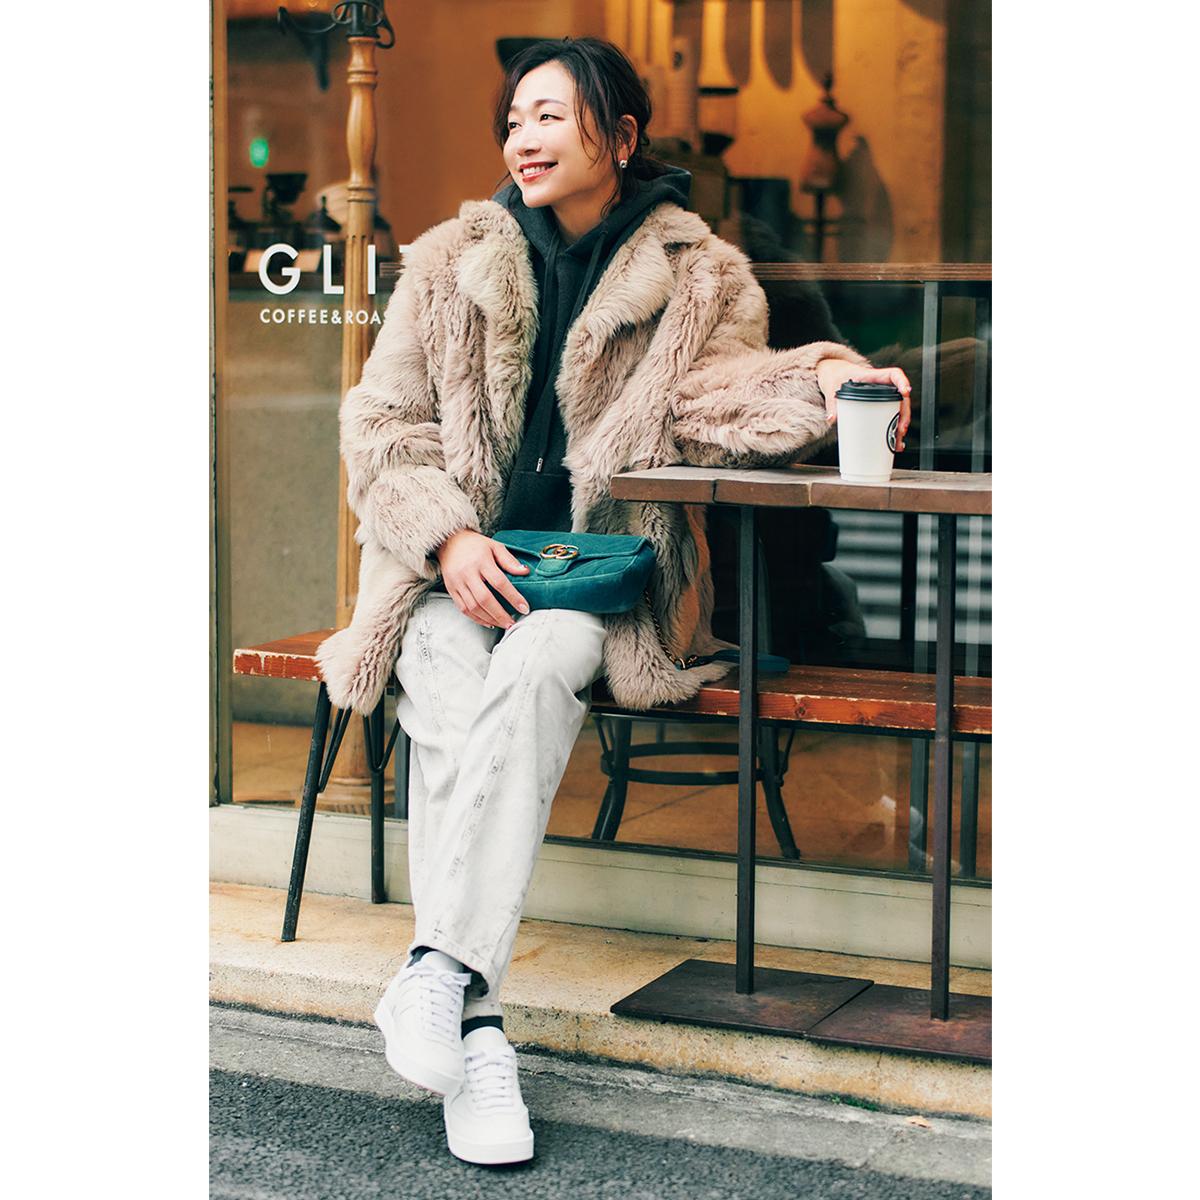 キャリア女性のON&OFFスタイル3_3